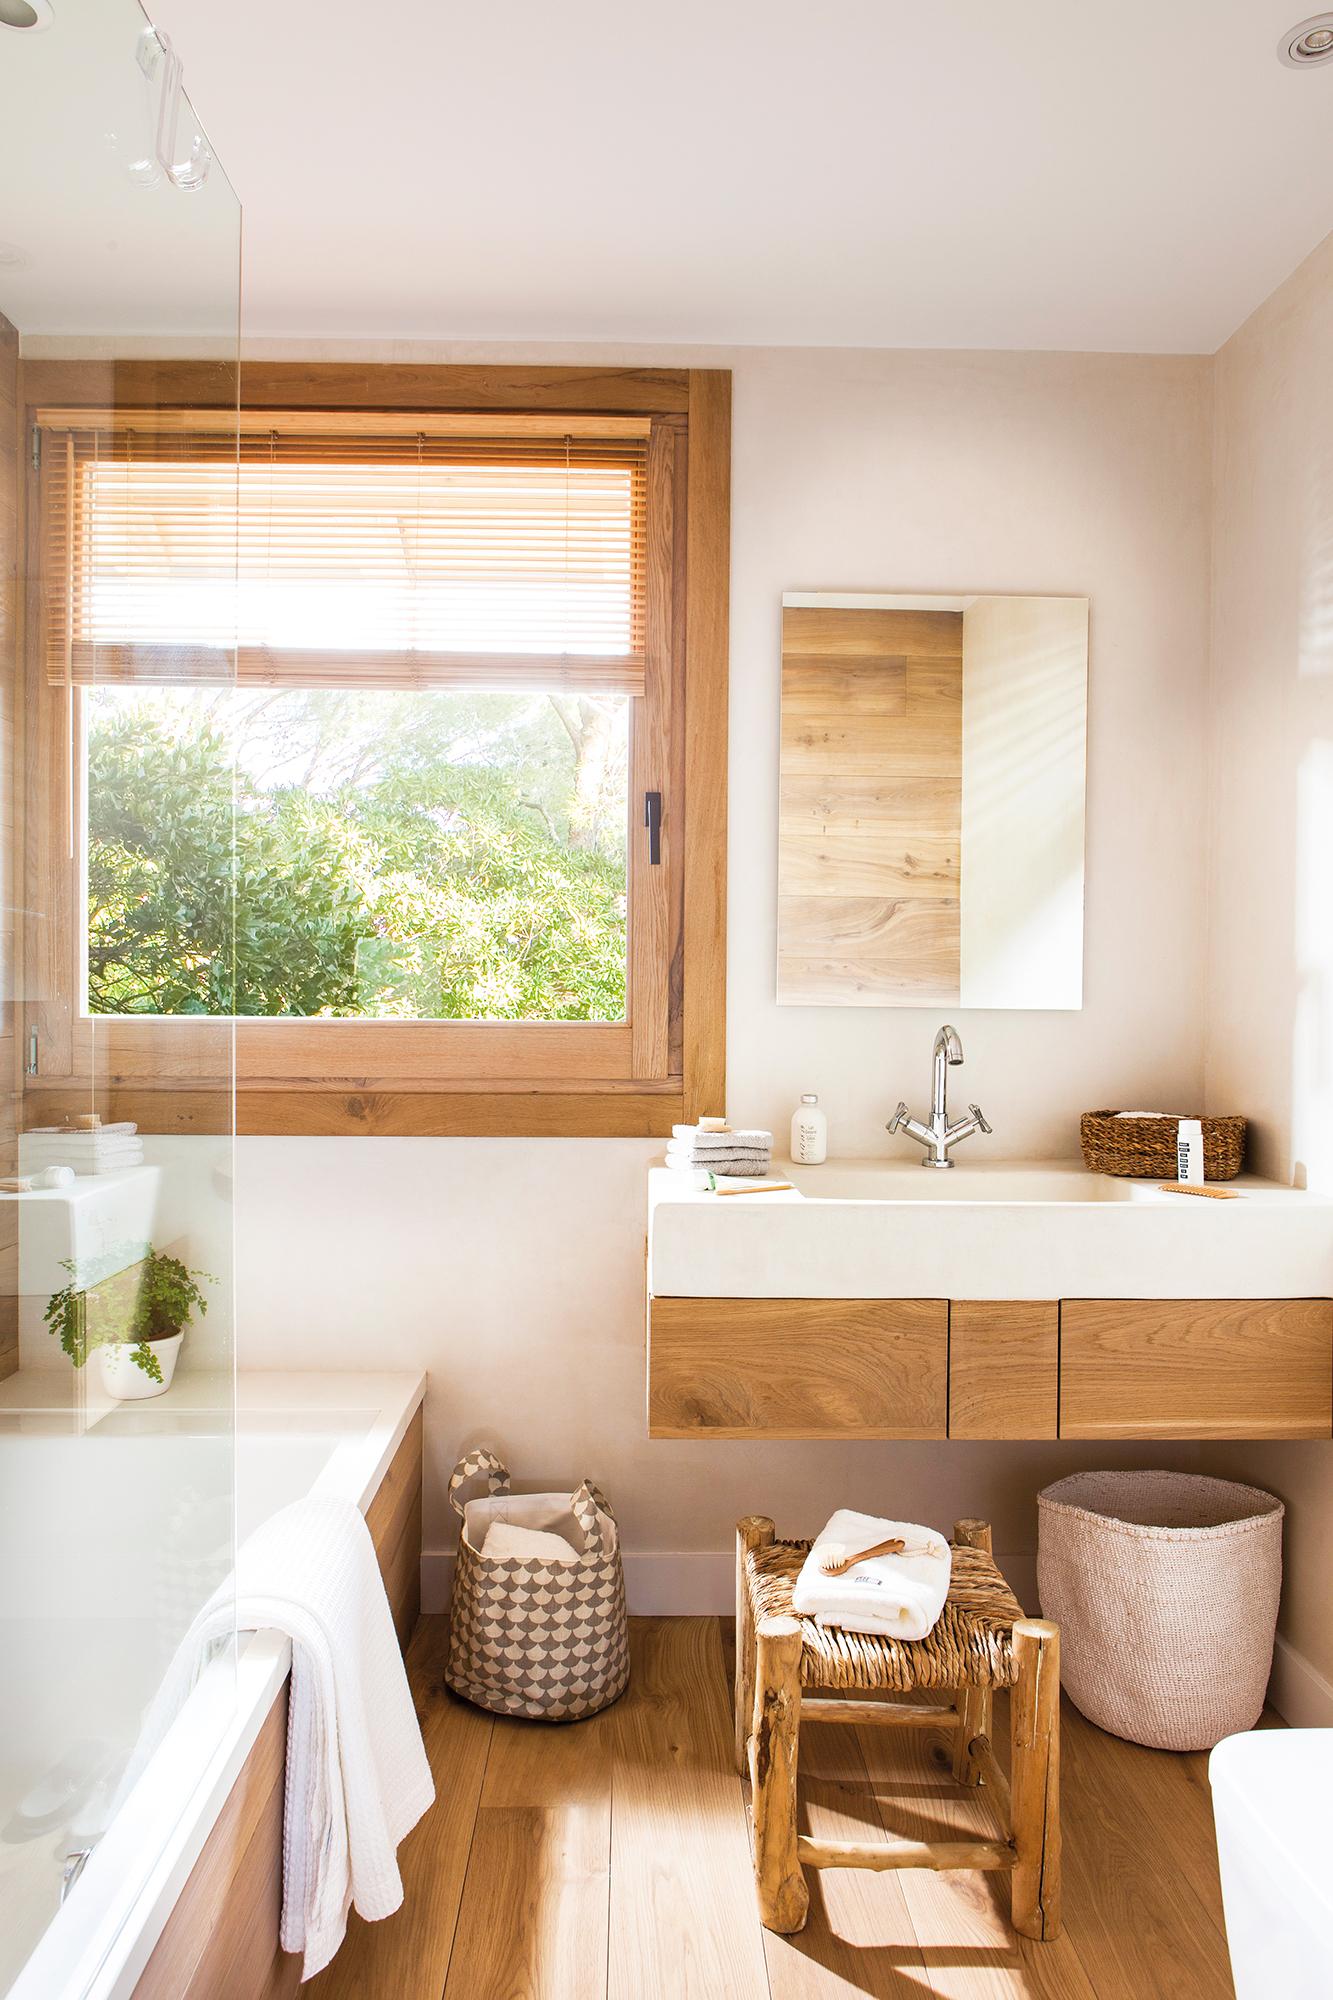 00444987b. Baño pequeño con bañera y mueble volado de madera_00444987b